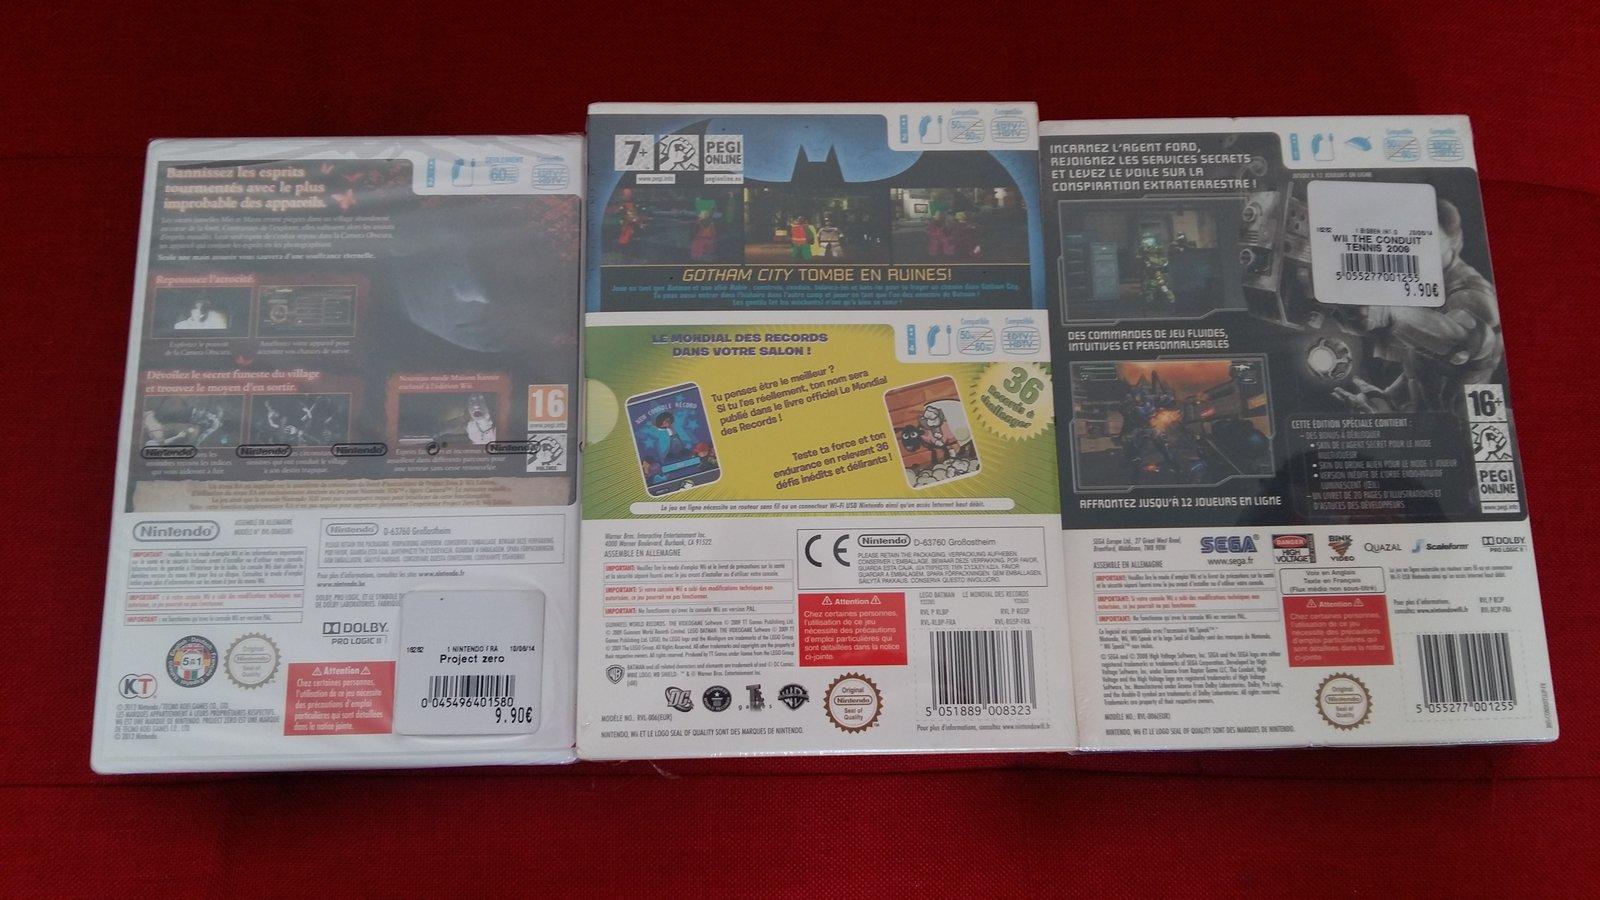 [Ach] Jeux Nintendo Wii U Neuf 190509044007284702